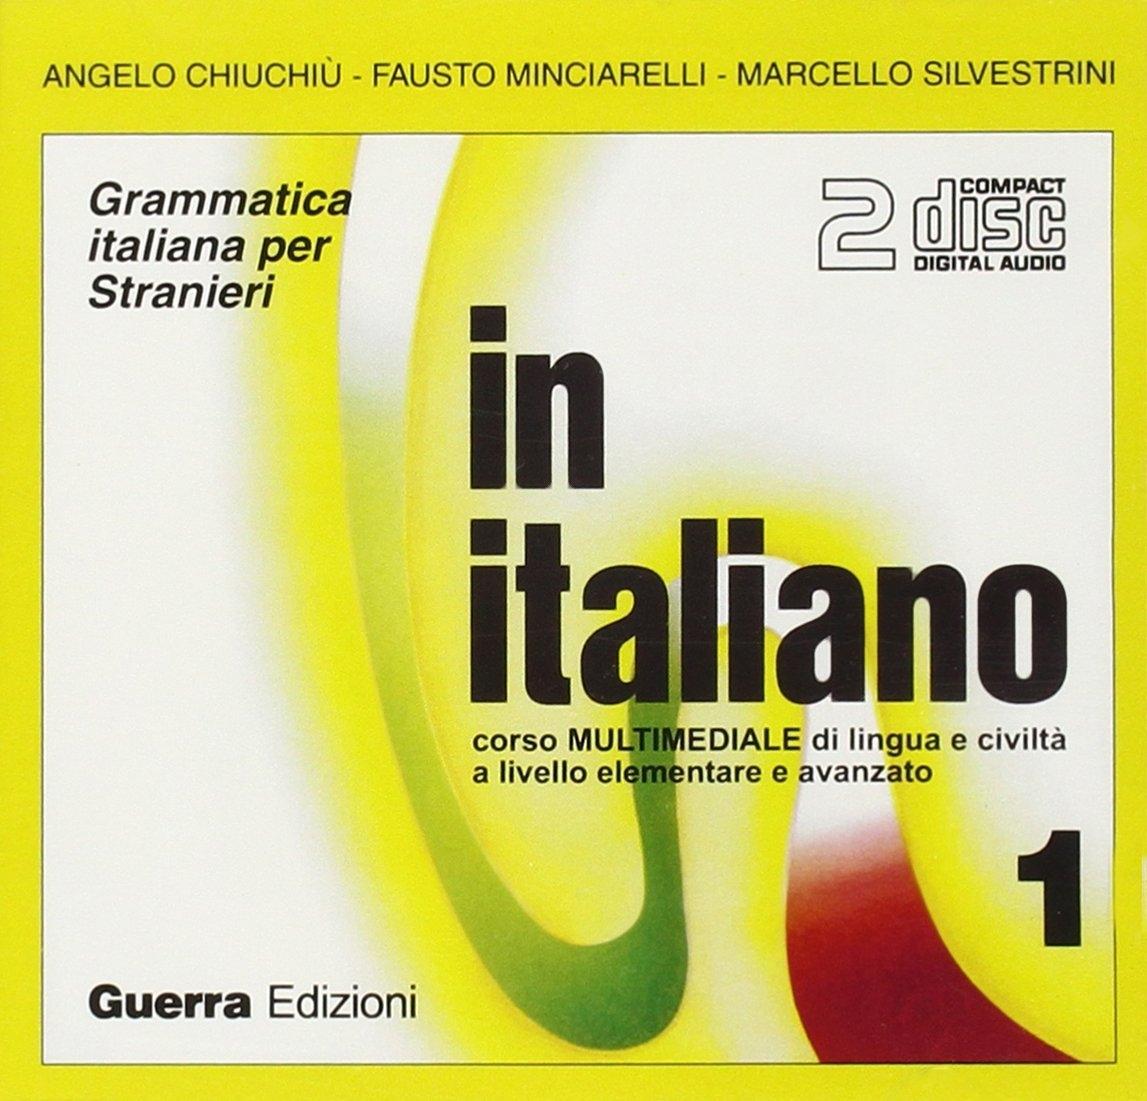 In italiano. Corso multimediale di lingua e civiltà a livello elementare e avanzato. 2 CD Audio. Vol. 1.